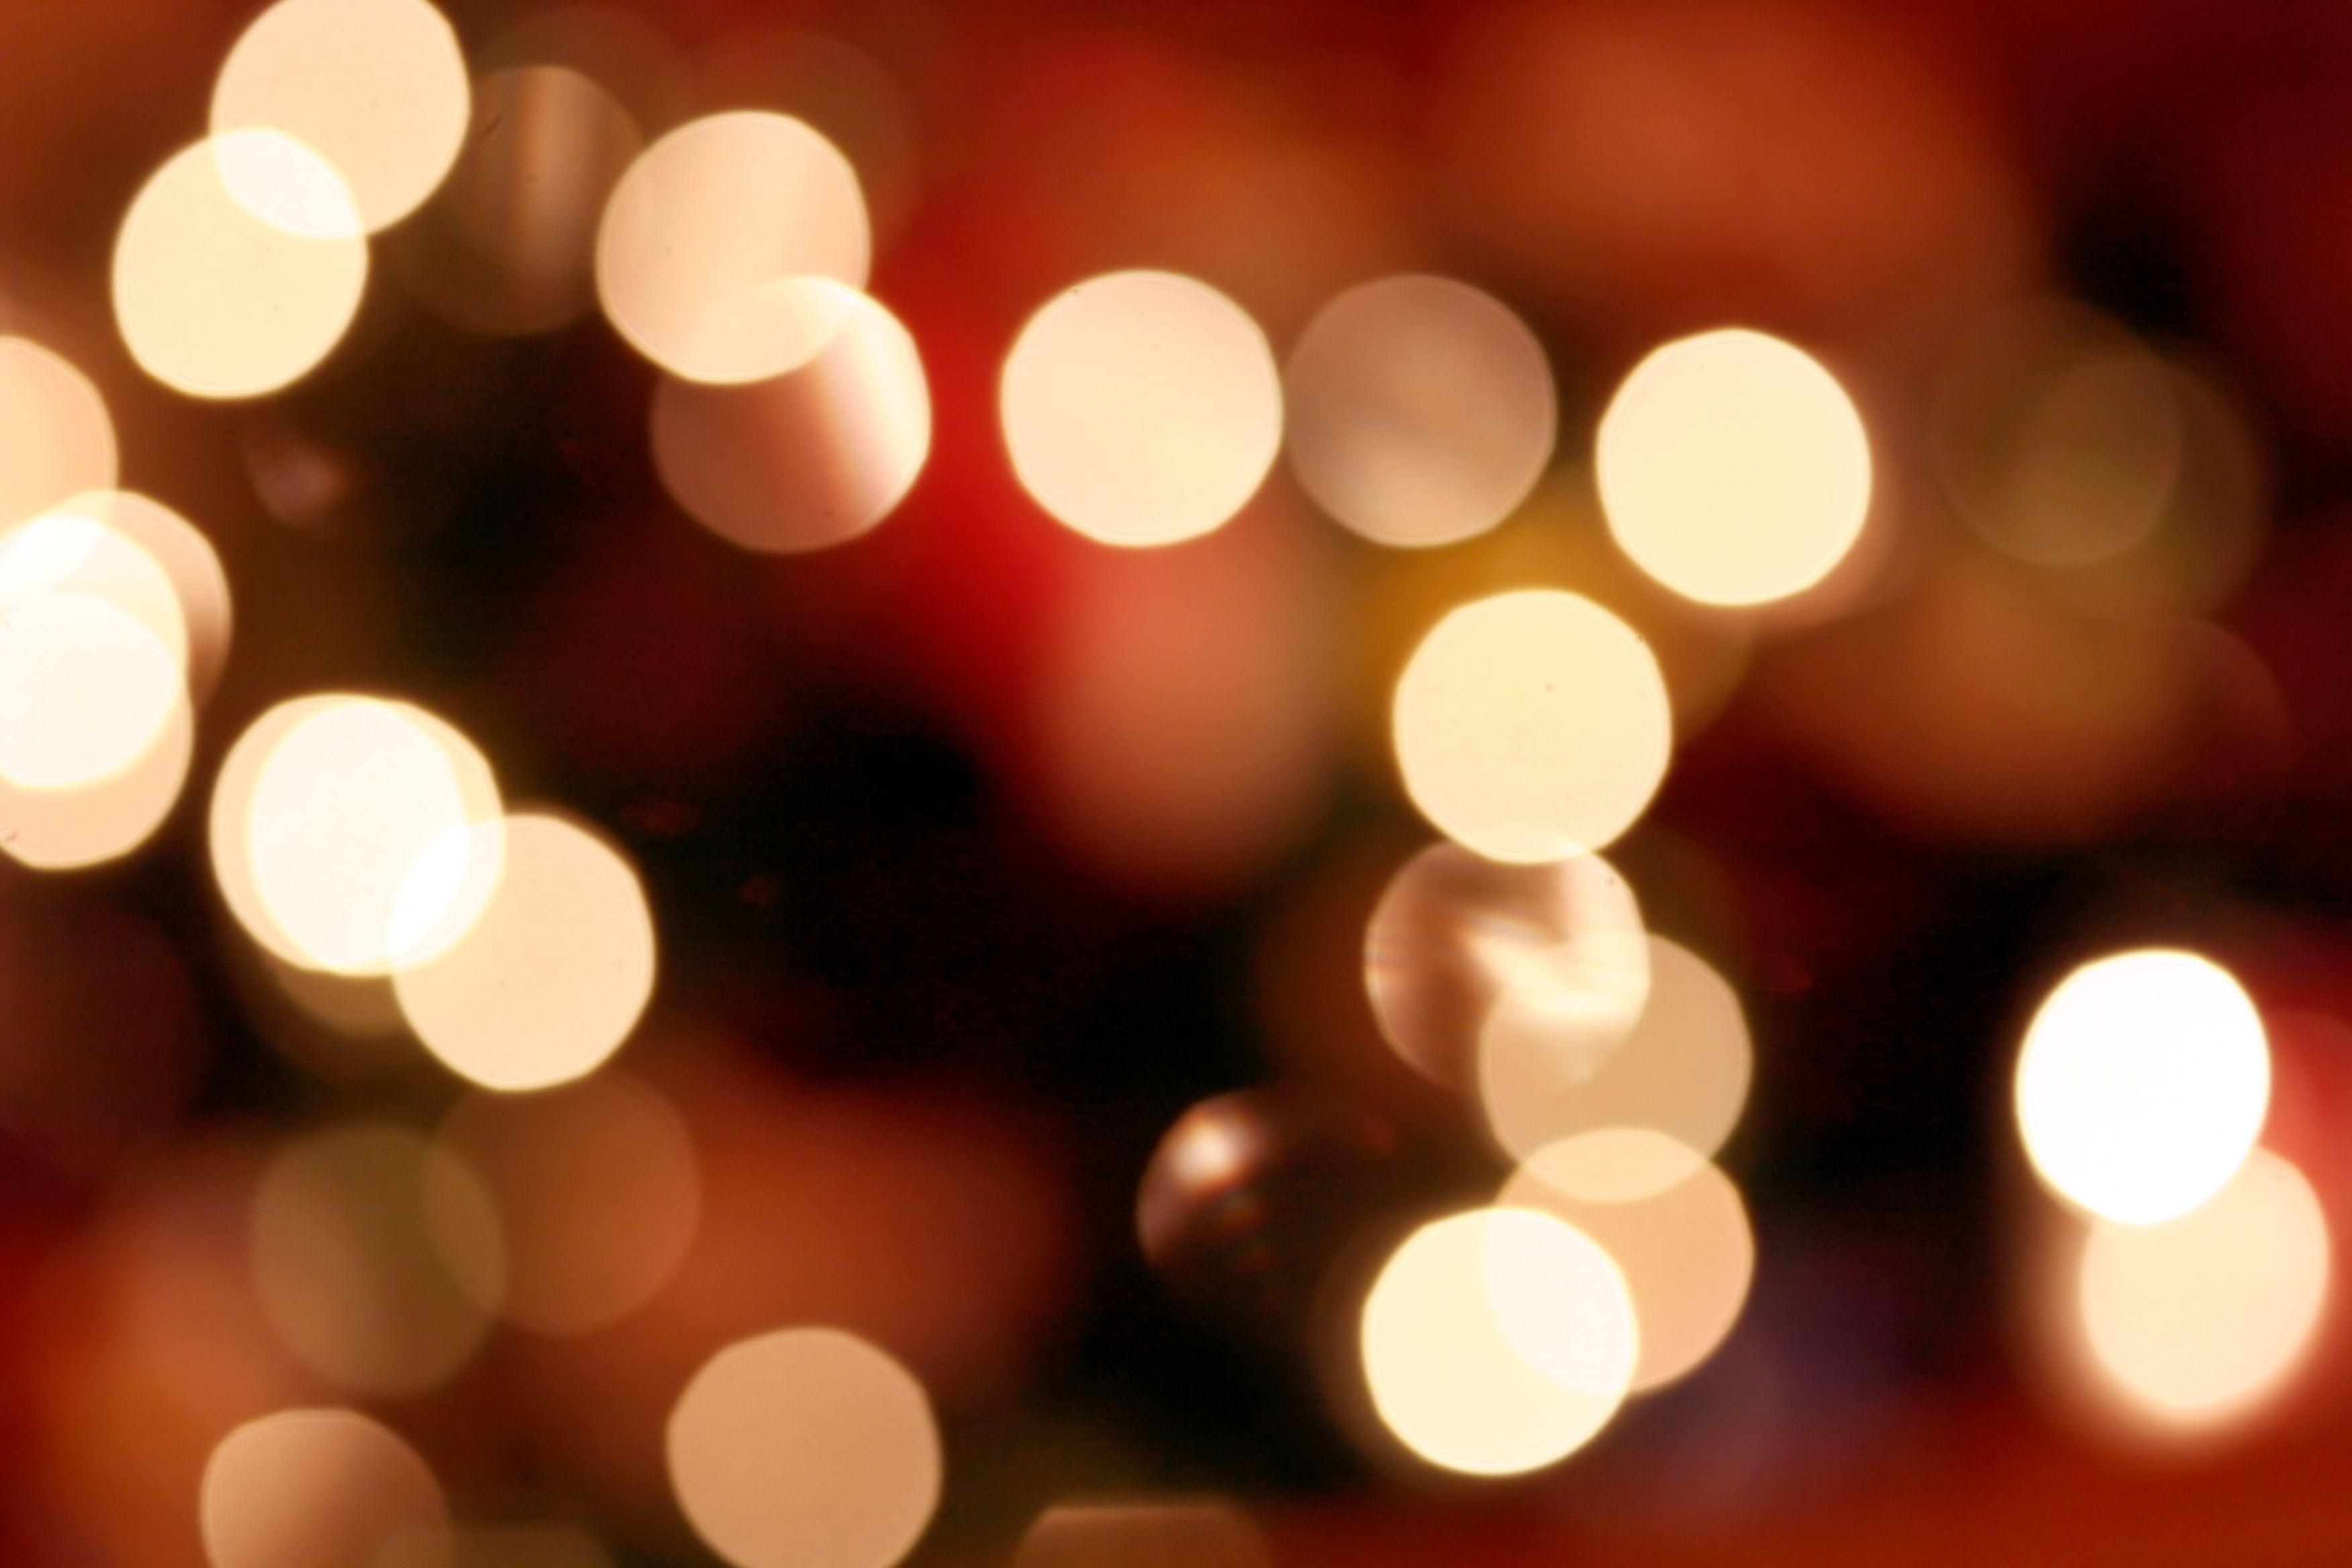 20090129-blurry-light-abstract.jpg (3504×2336) | art | Pinterest ...